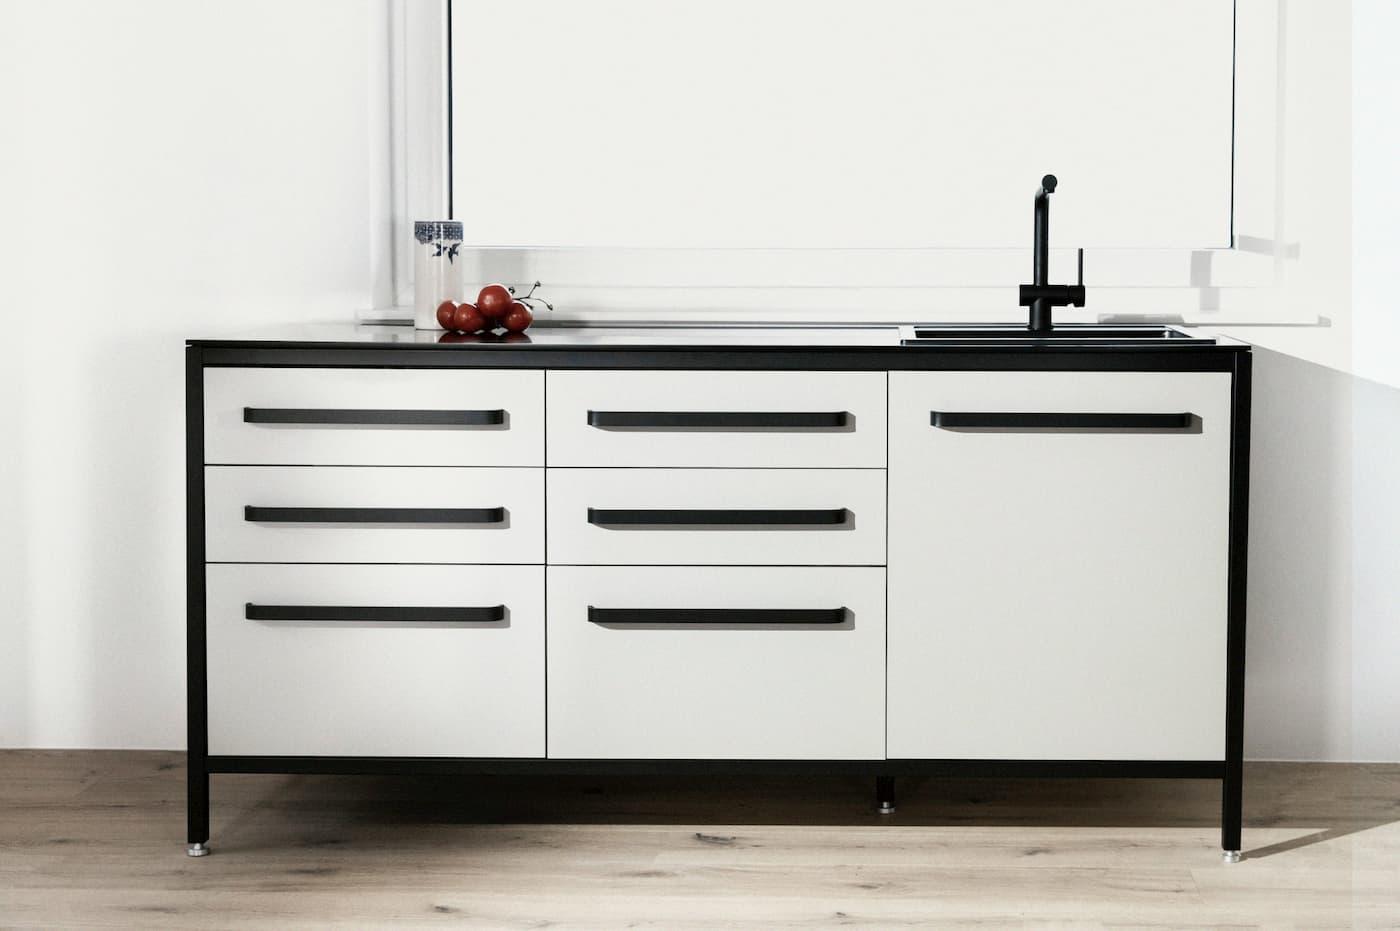 keep Küchenmodul LOW mit drei unterschiedlichen Abteilungen in grau unter einem Fenster an der Wand stehend.